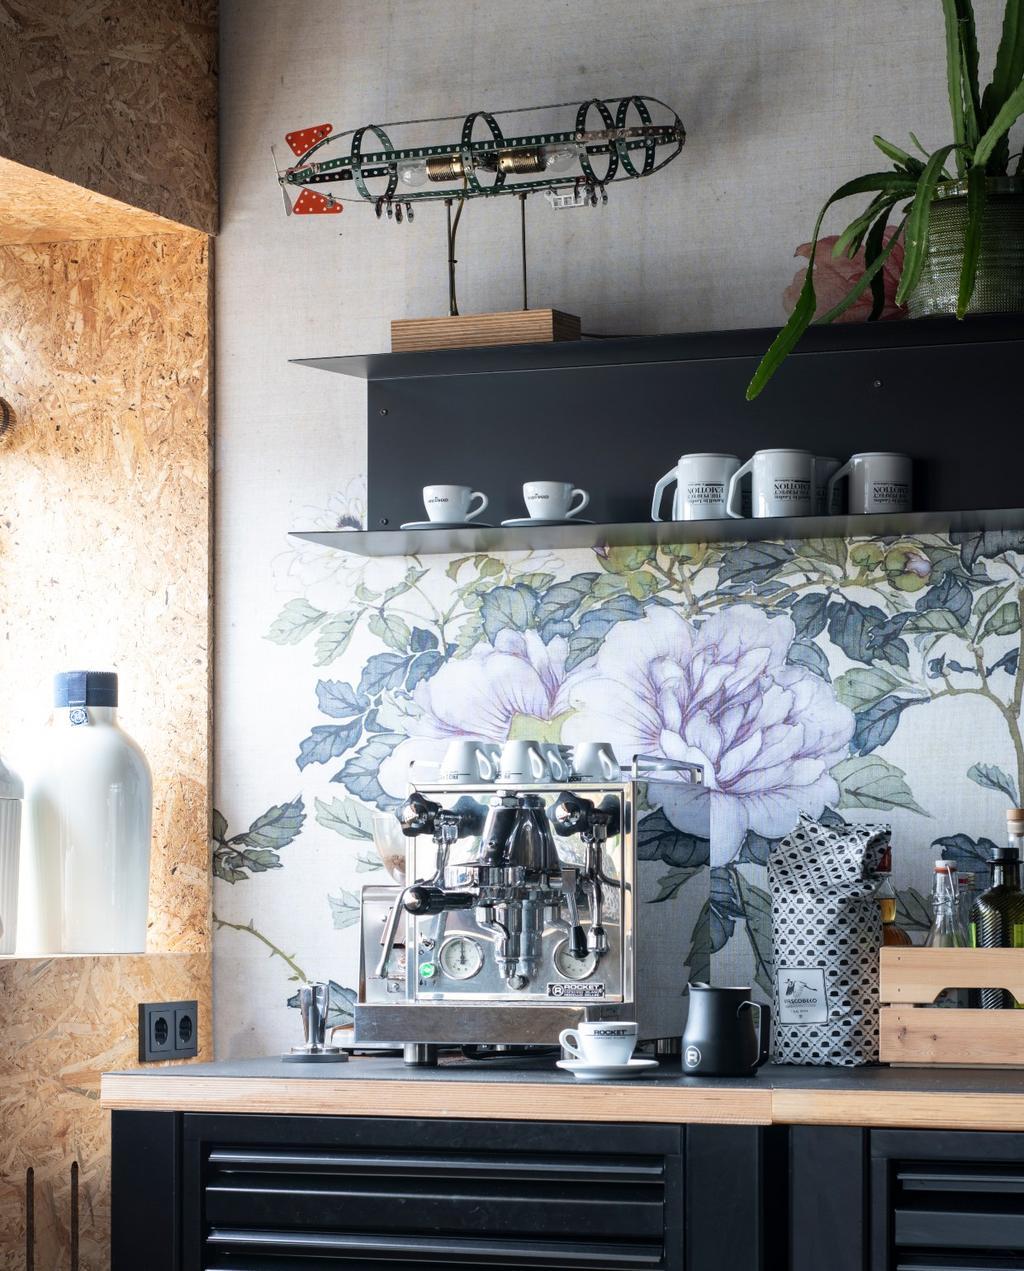 vtwonen binnenkijken 03-2020 | binnenkijken Heerhugowaard zwarte keuken met bloemenbehang als spatwand